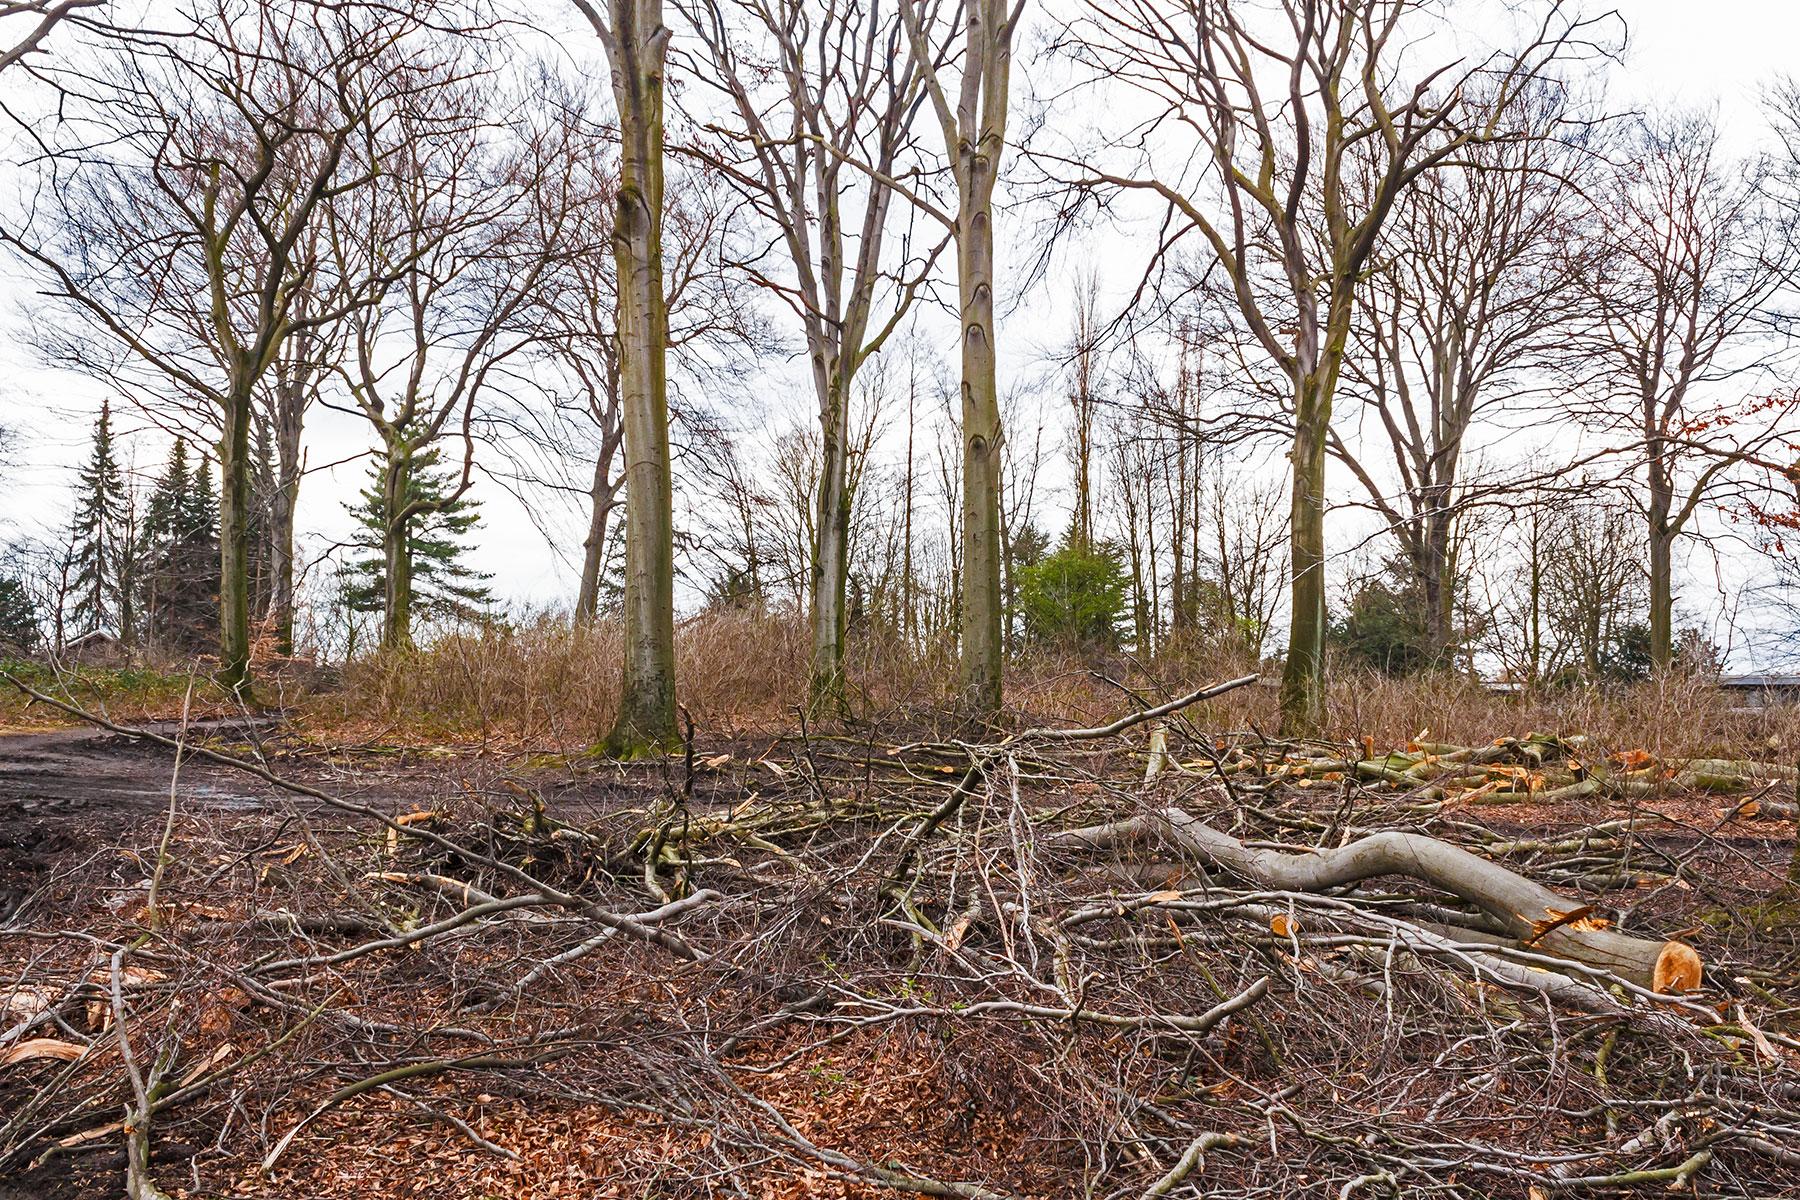 Kronenabfallholz vor Überhältern zwischen Holundersträuchern